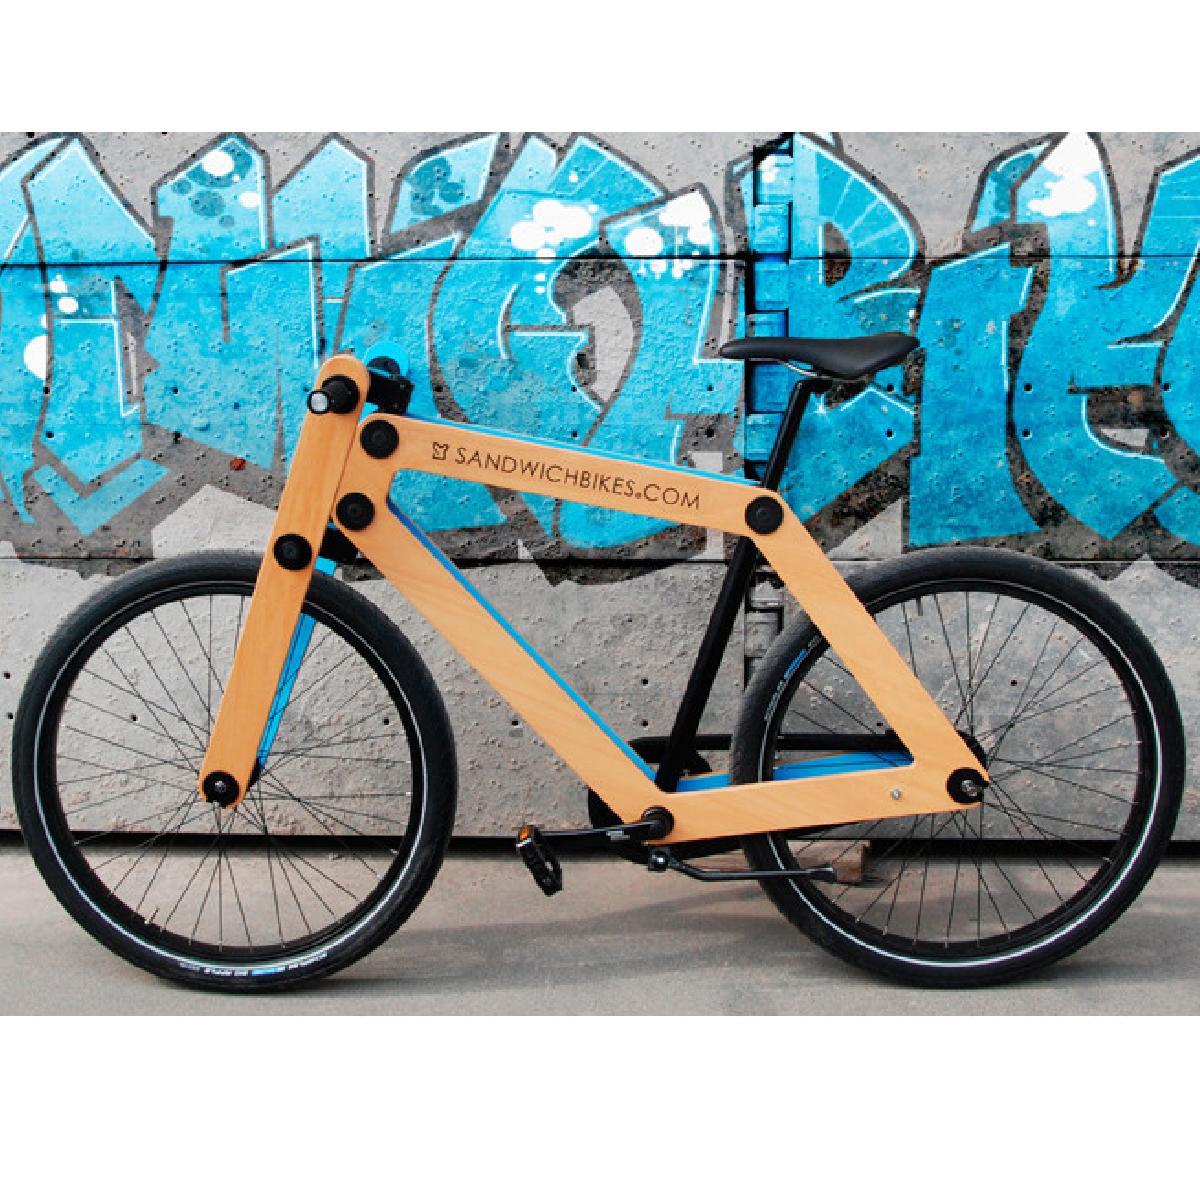 cadeaux 2 ouf id es de cadeaux insolites et originaux le sandwichbikes un v lo en bois en kit. Black Bedroom Furniture Sets. Home Design Ideas